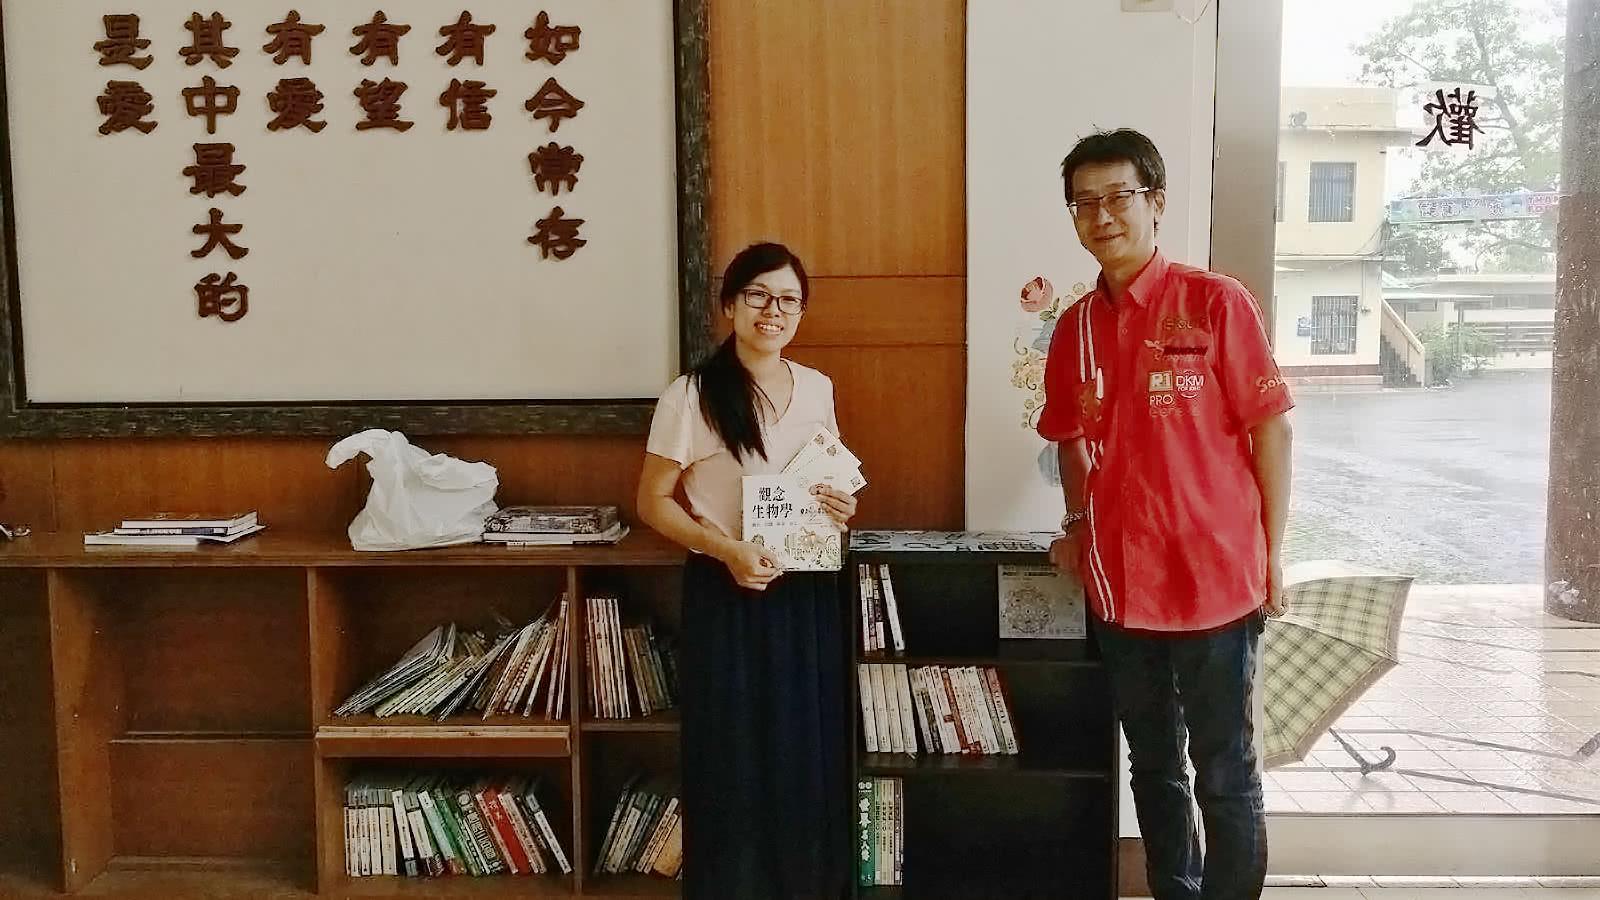 2017年 TCI 大江生醫 角落書櫃 里港鄉 信望愛育幼院